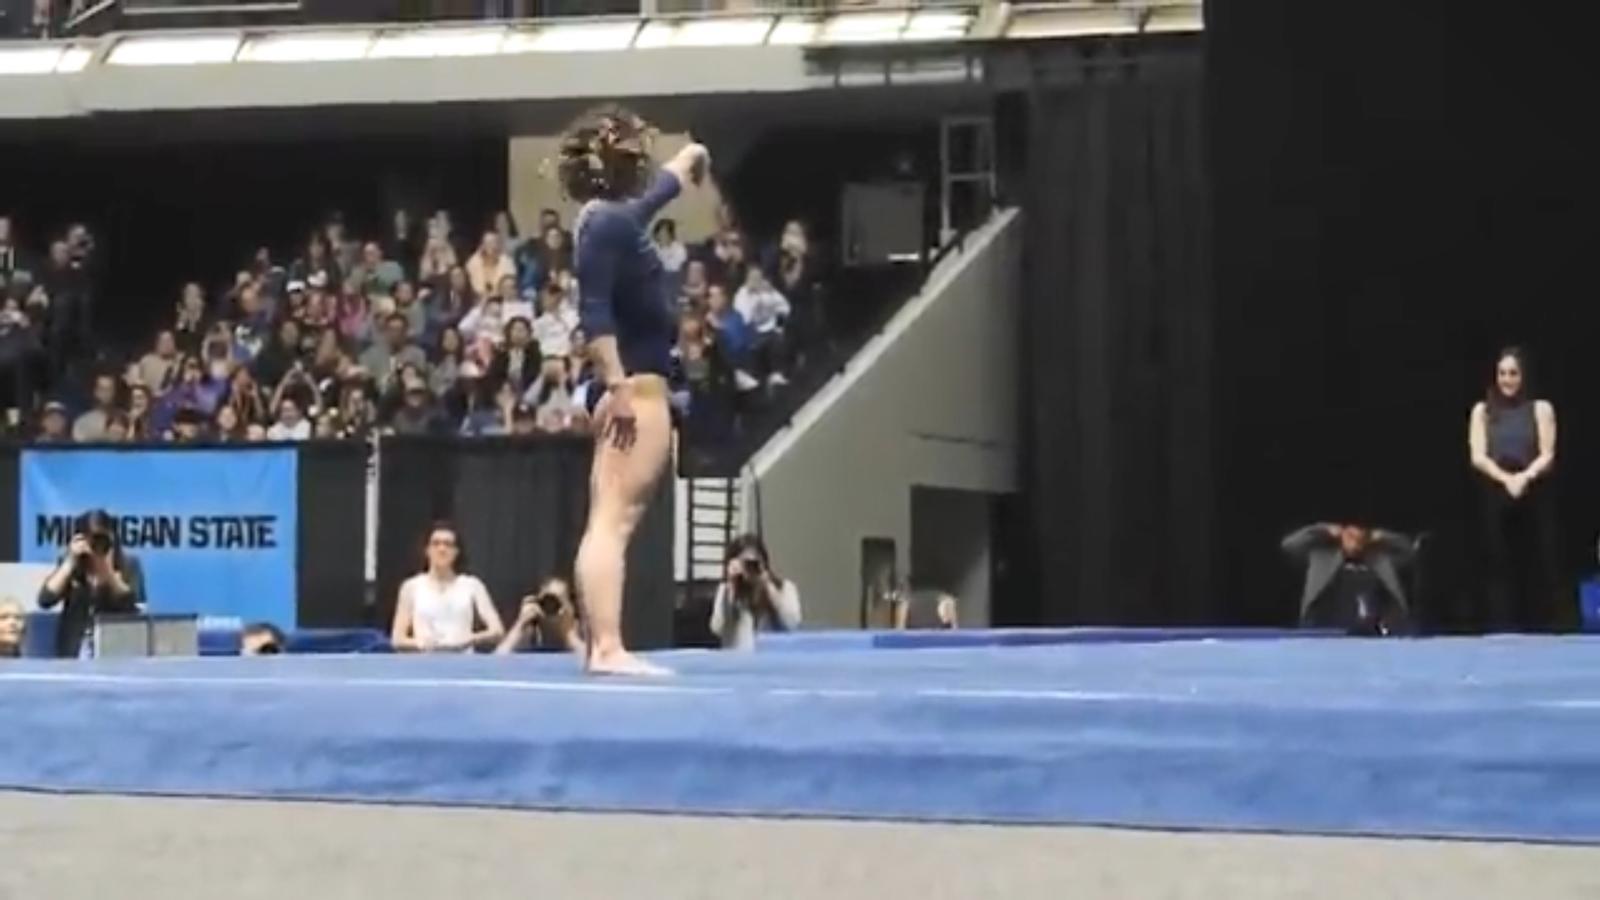 L'exercici de la gimnasta Katelyn Ohashi que s'ha fet viral a les xarxes